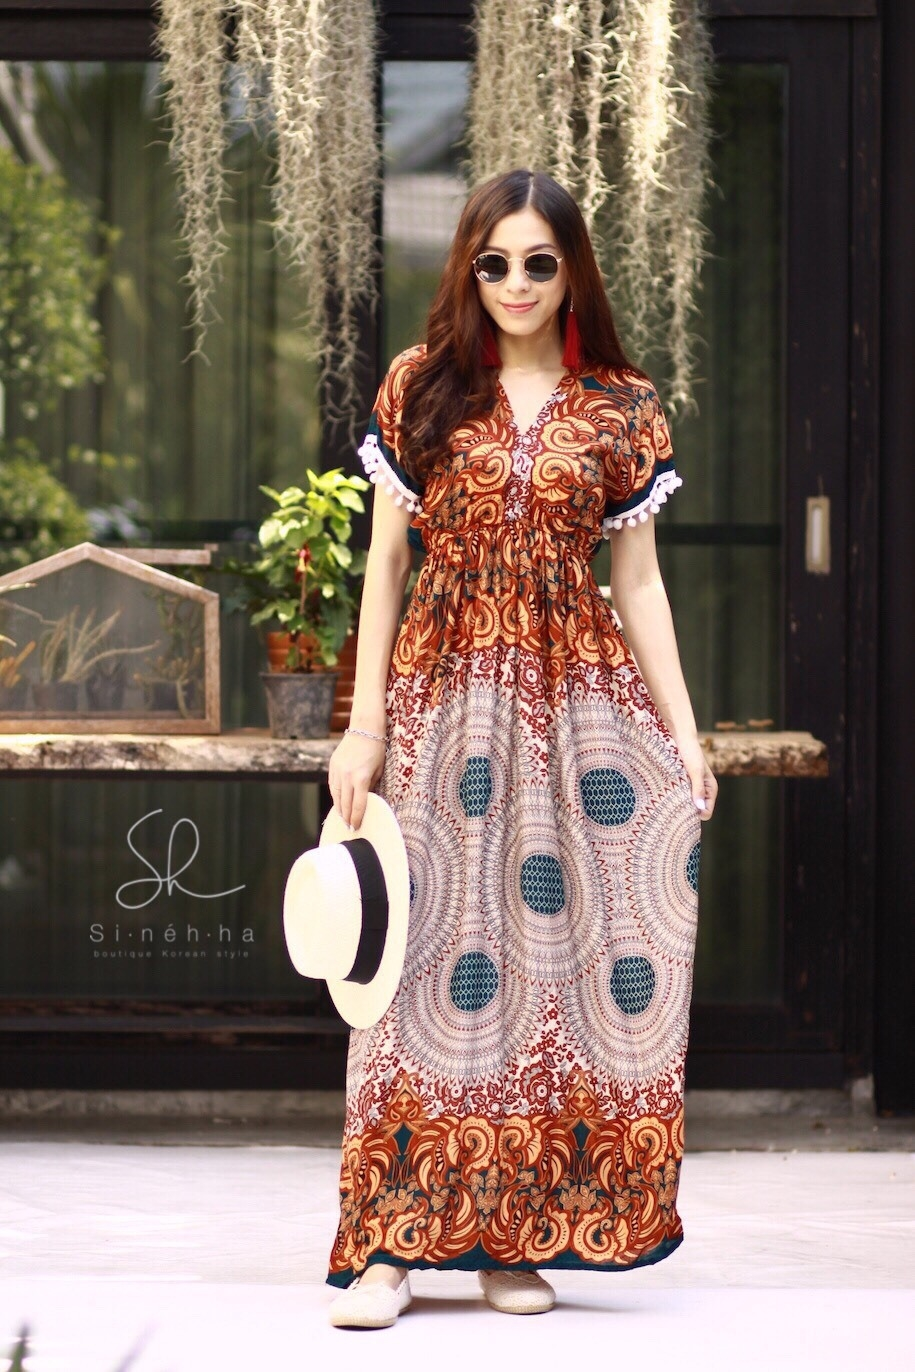 ชุดเดรสเกาหลี พร้อมส่ง Maxi dress ผ้าสปันเนื้อดีปริ้นลายสวย